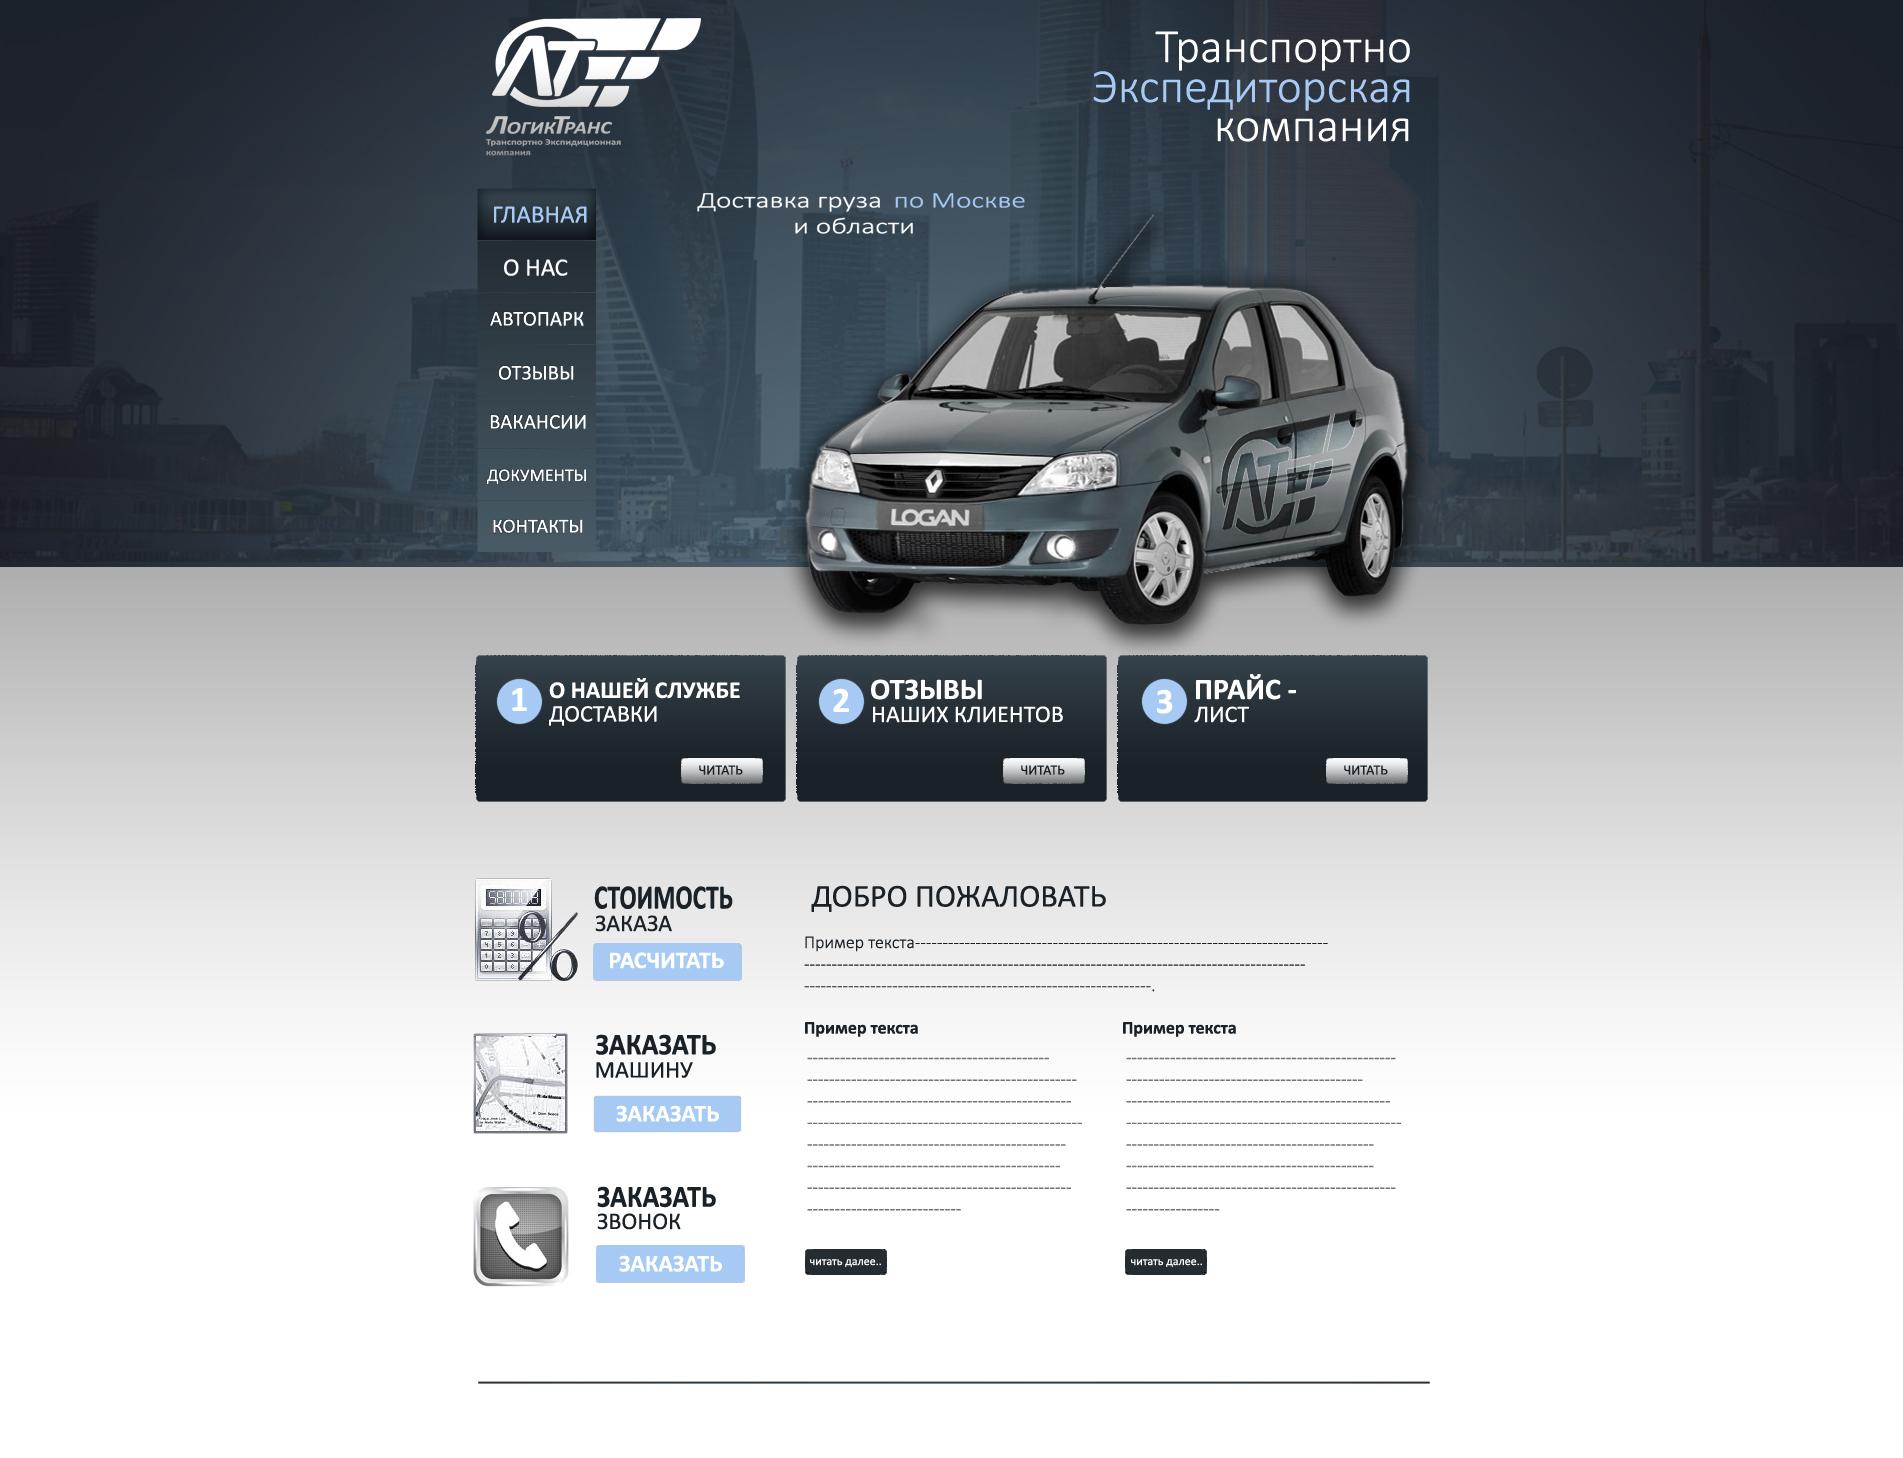 Дизайн сайта транспортно-экспедиторской компании ЛогикТранс фото f_3995a47960395df5.jpg